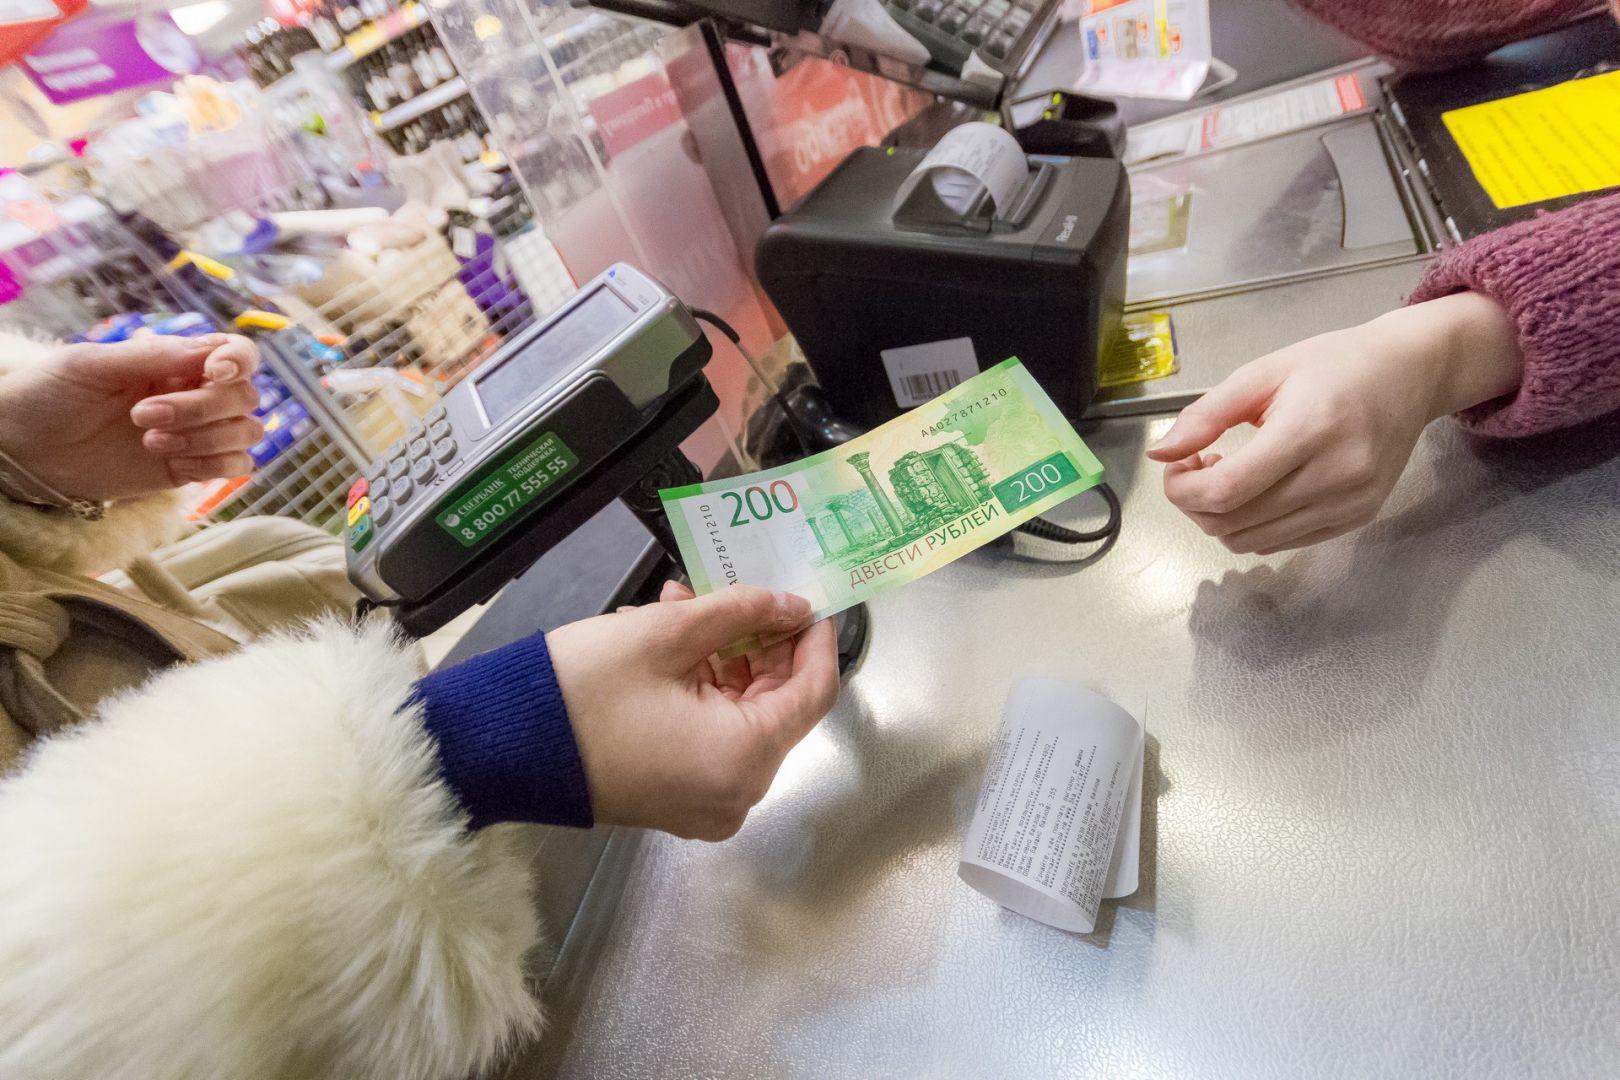 В Твери продавщица присваивала себе деньги покупателей, оплачивая их товар чужой картой - новости Афанасий